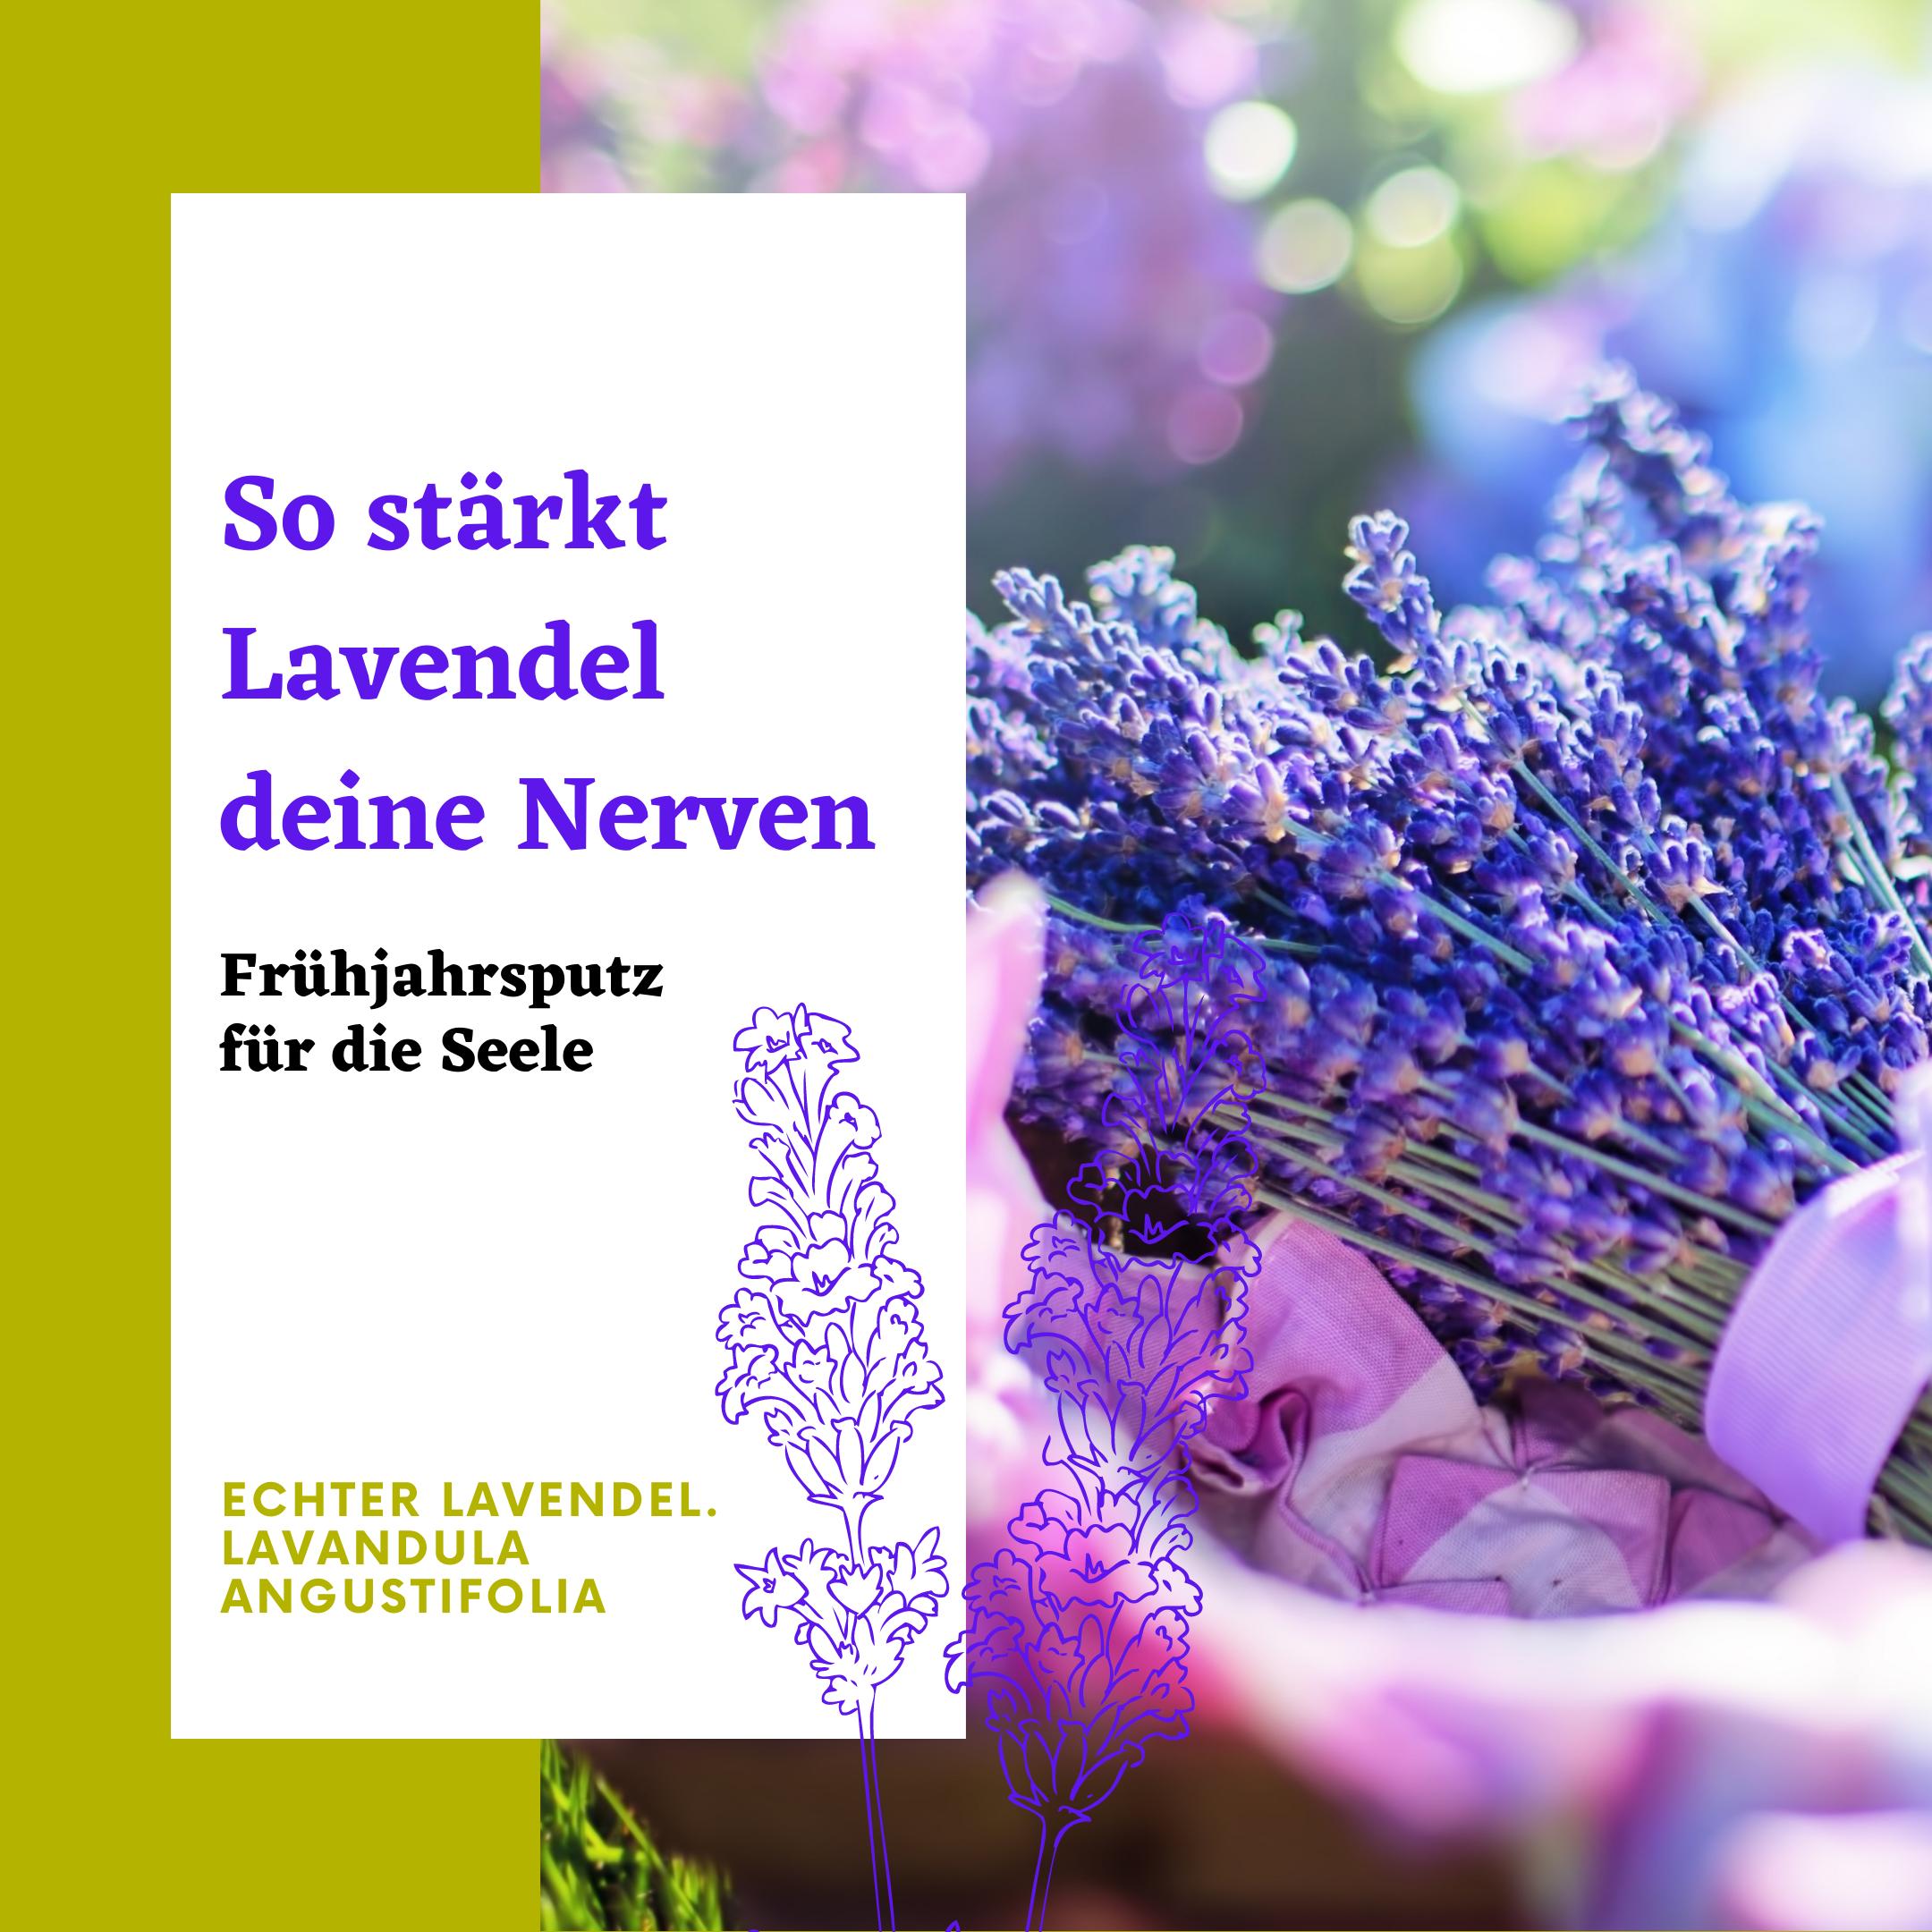 Duftender Lavendelstrauss im Sonnerlicht.Lavendelöl stärkt deine Nerven